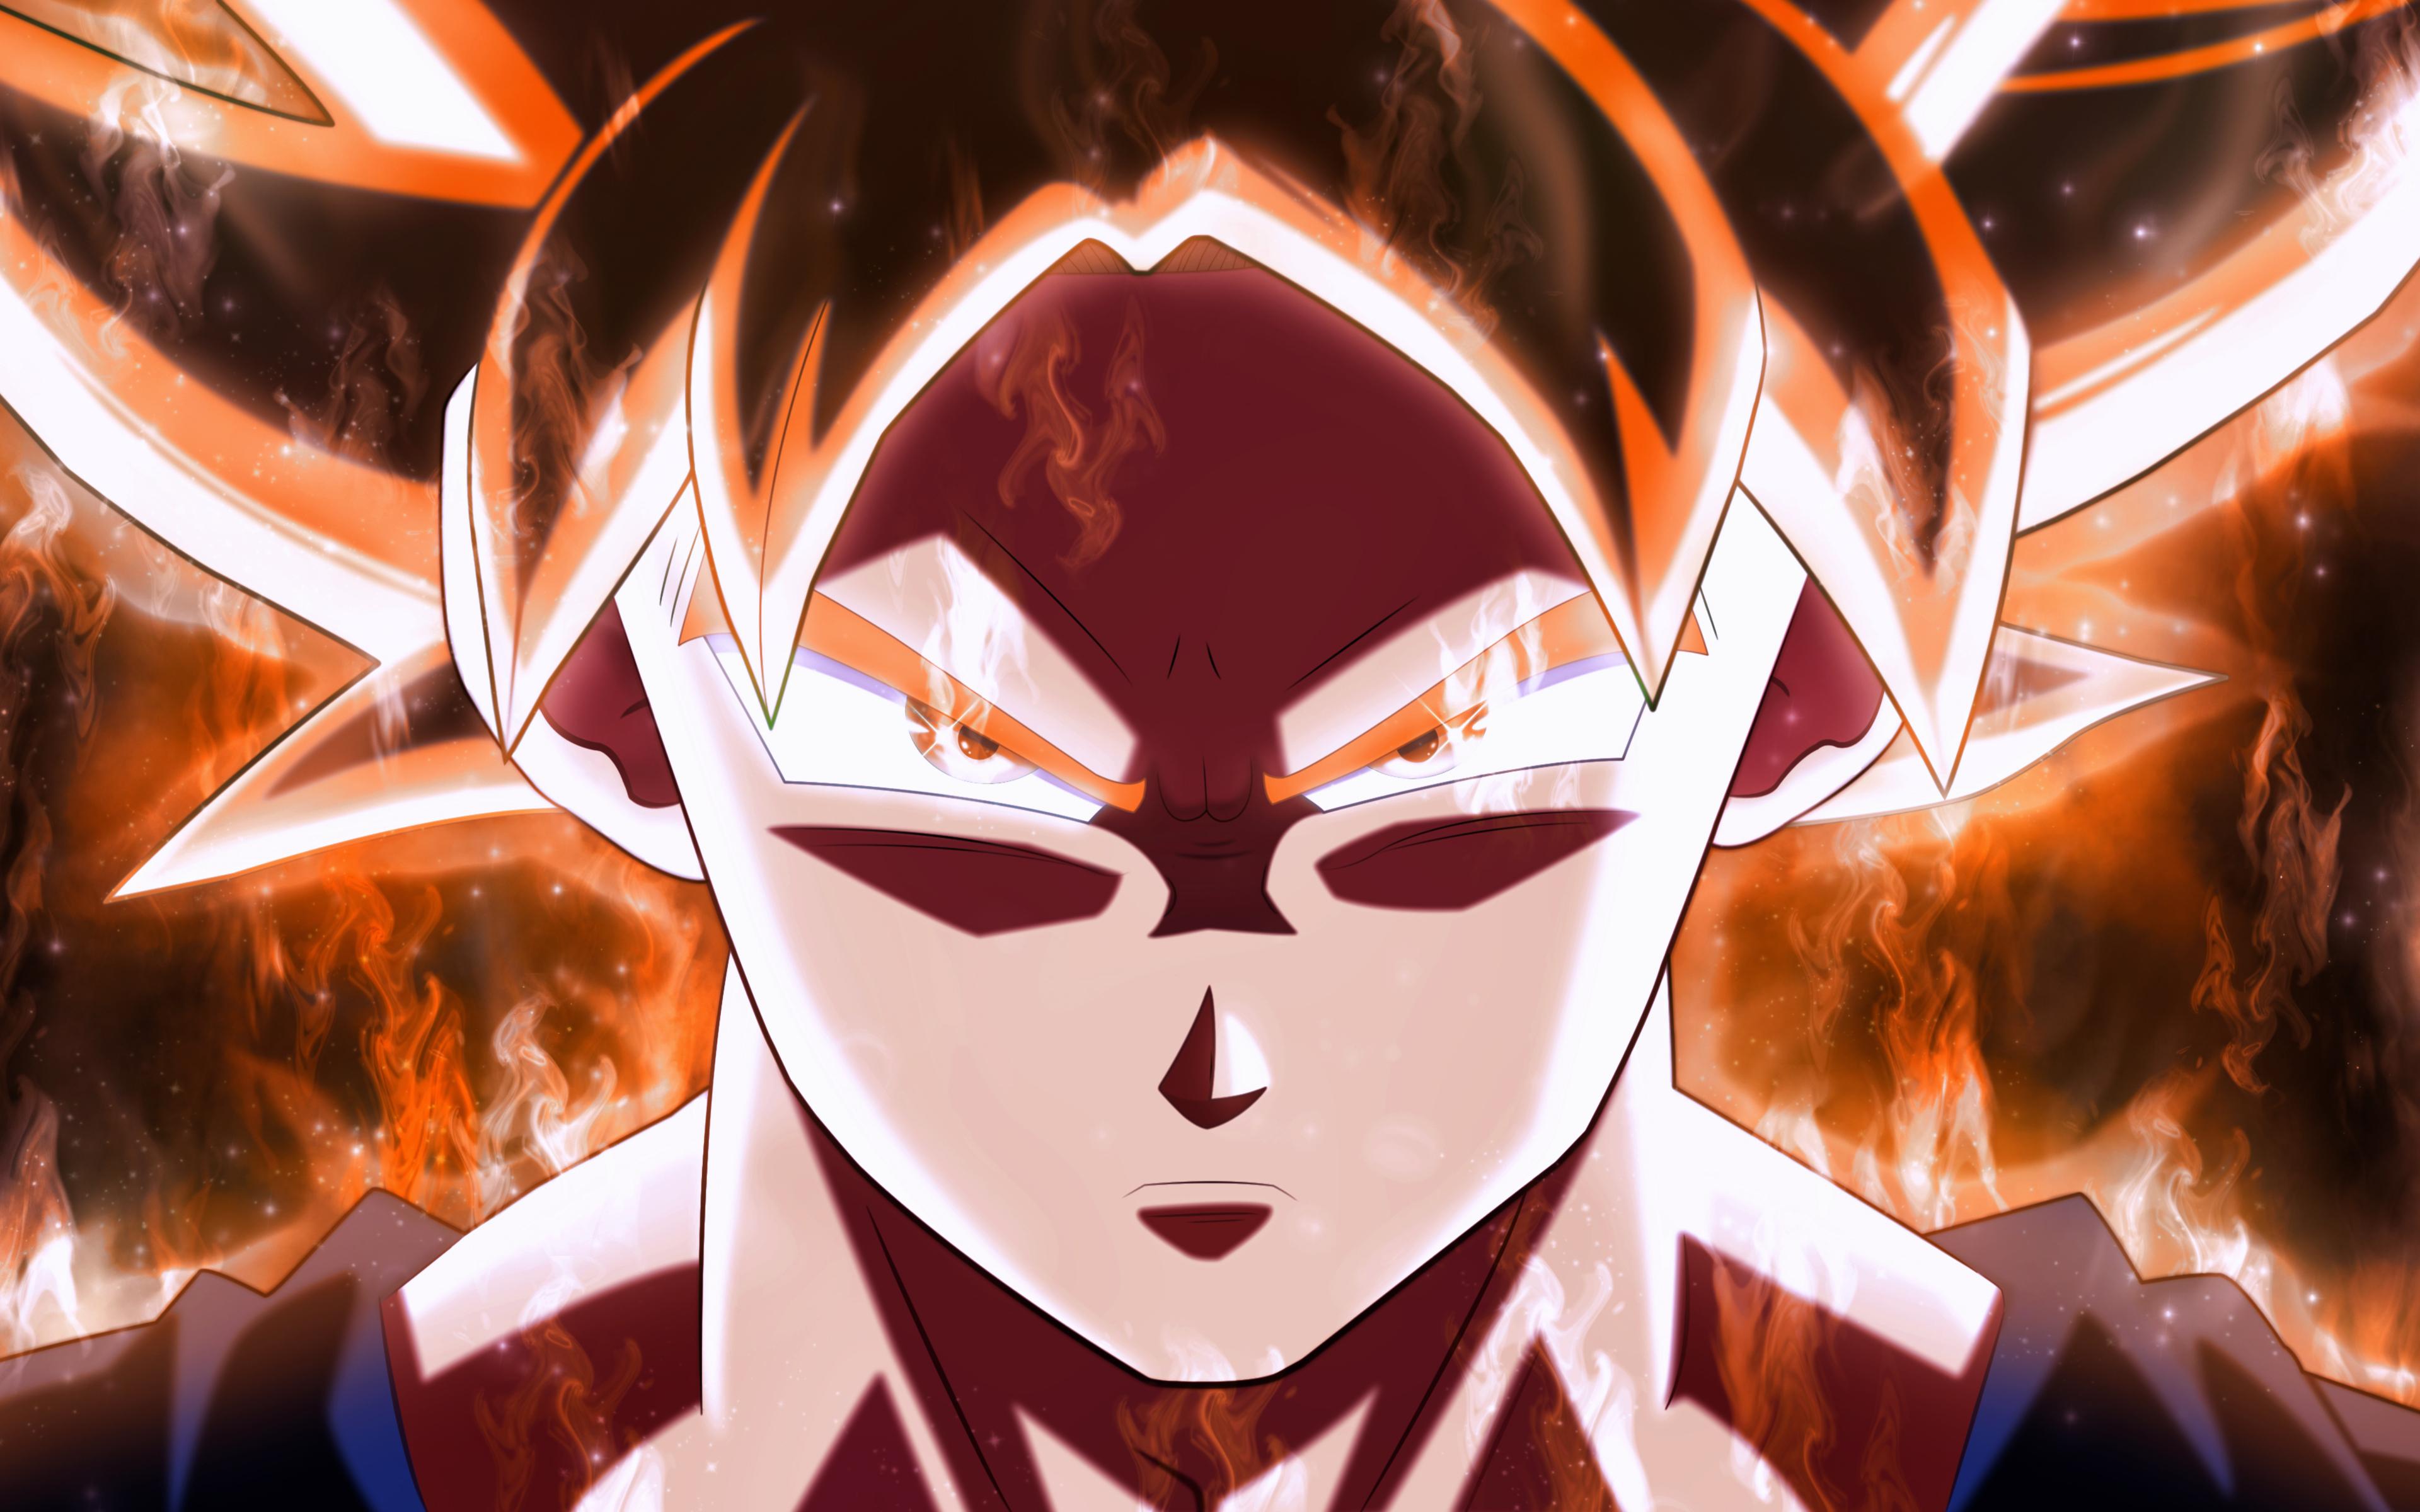 son-goku-dragon-ball-super-saiyan-4k-k3.jpg